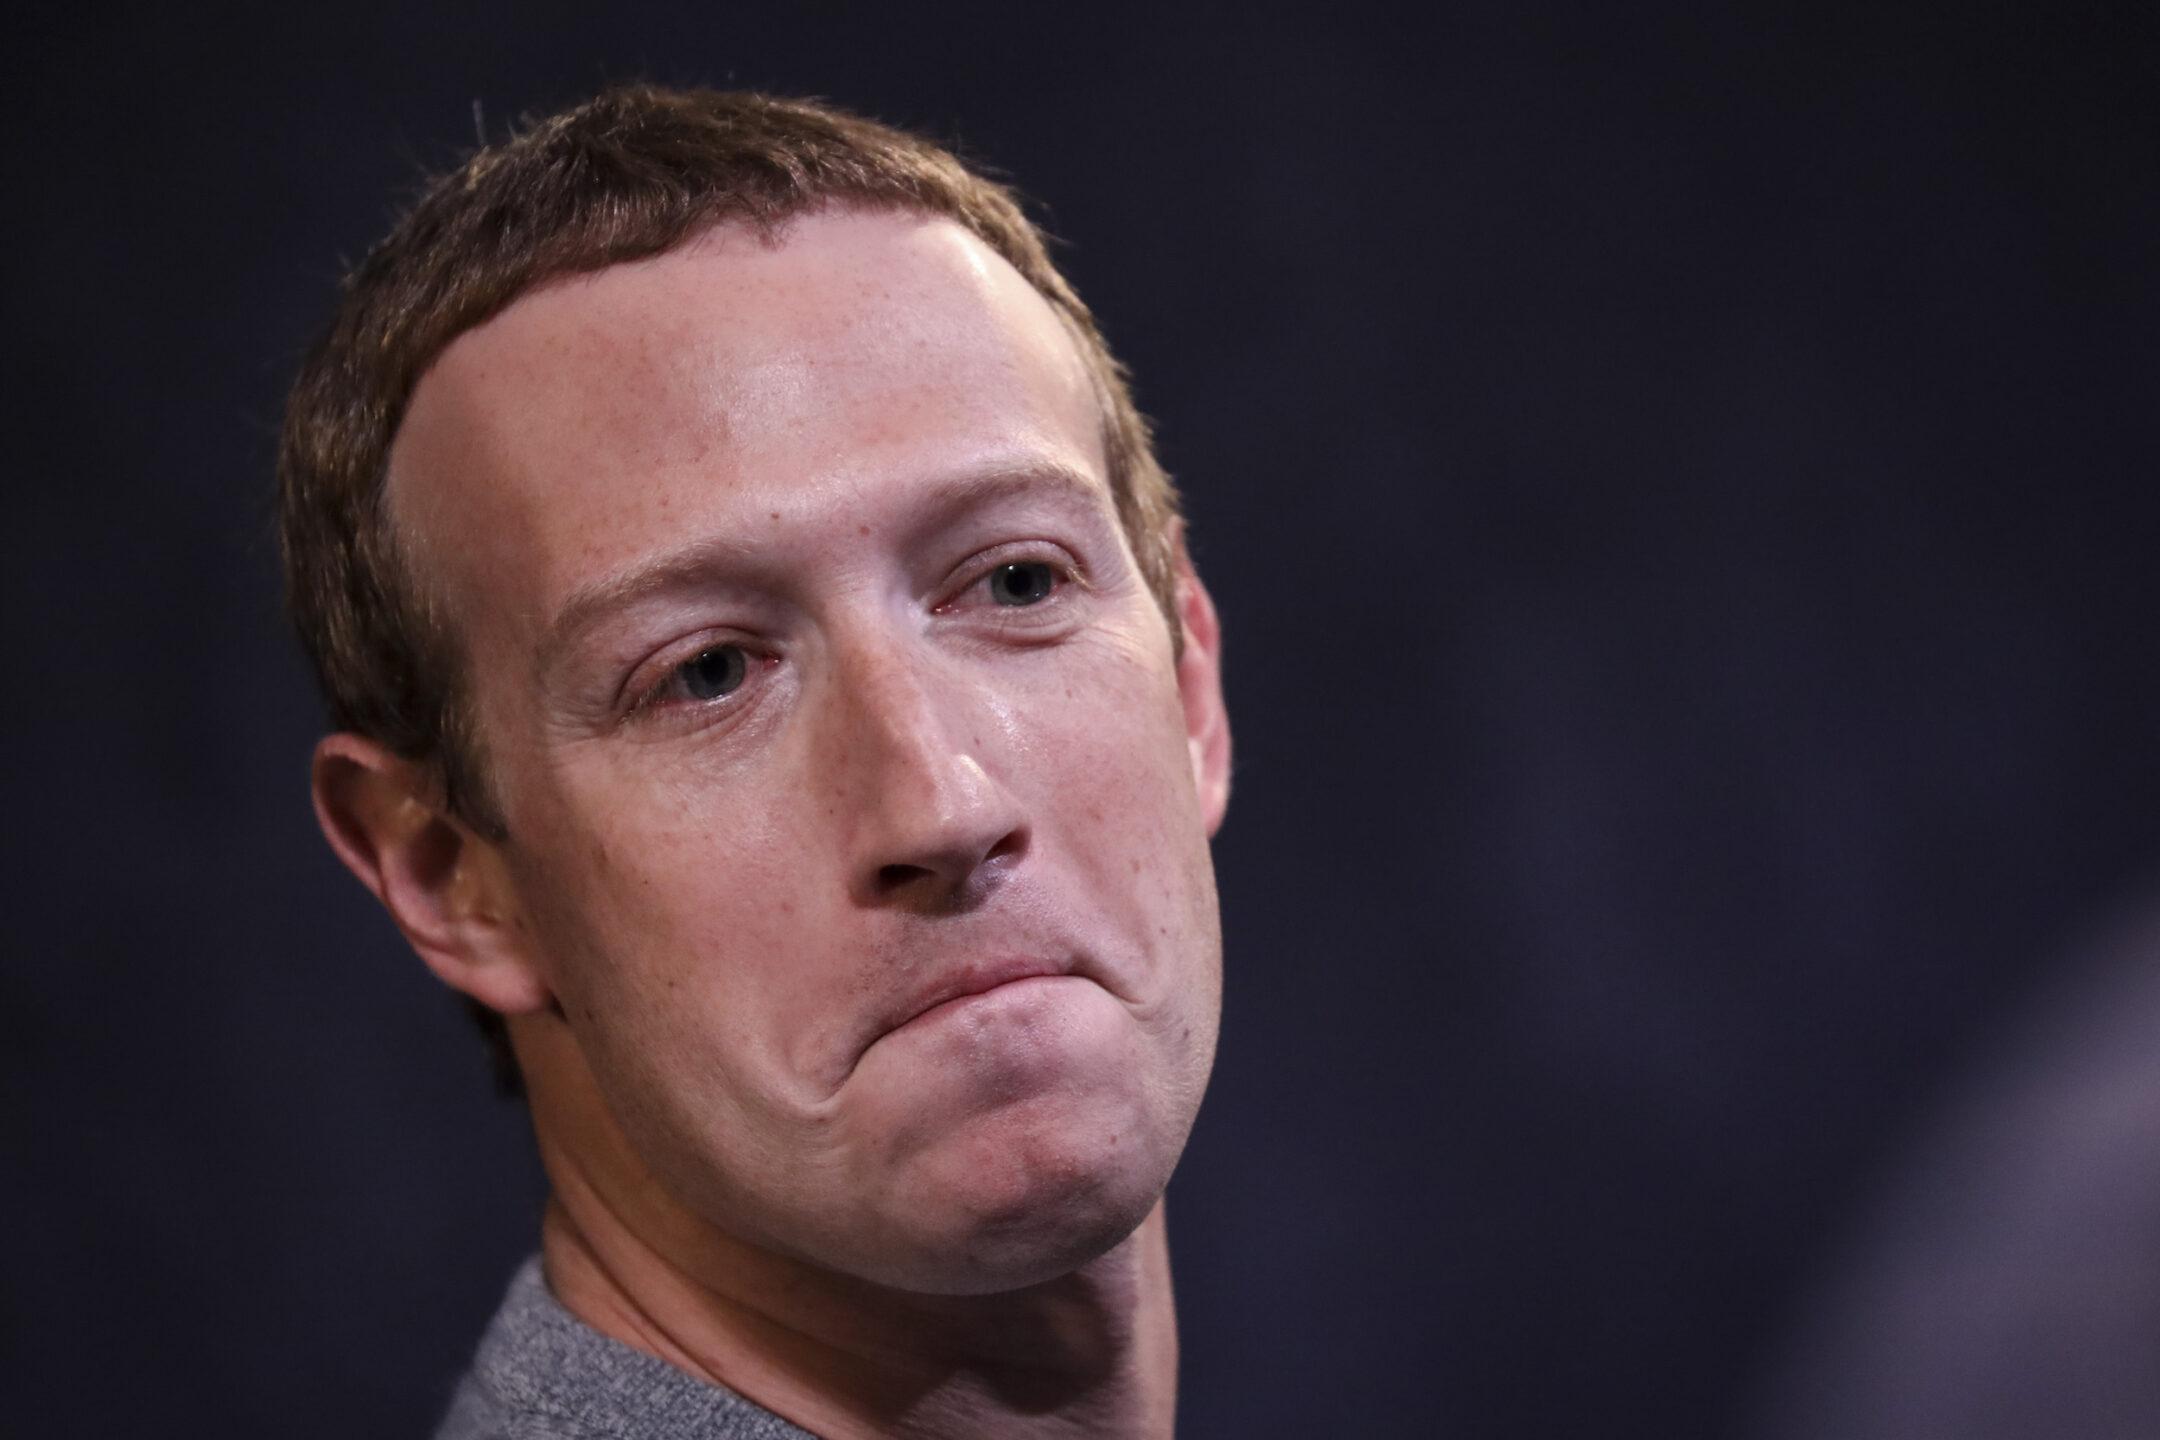 mark zuckerberg nel 2020 non ha venduto un'azione Facebook per la sua Chan Zuckerberg Iniziative